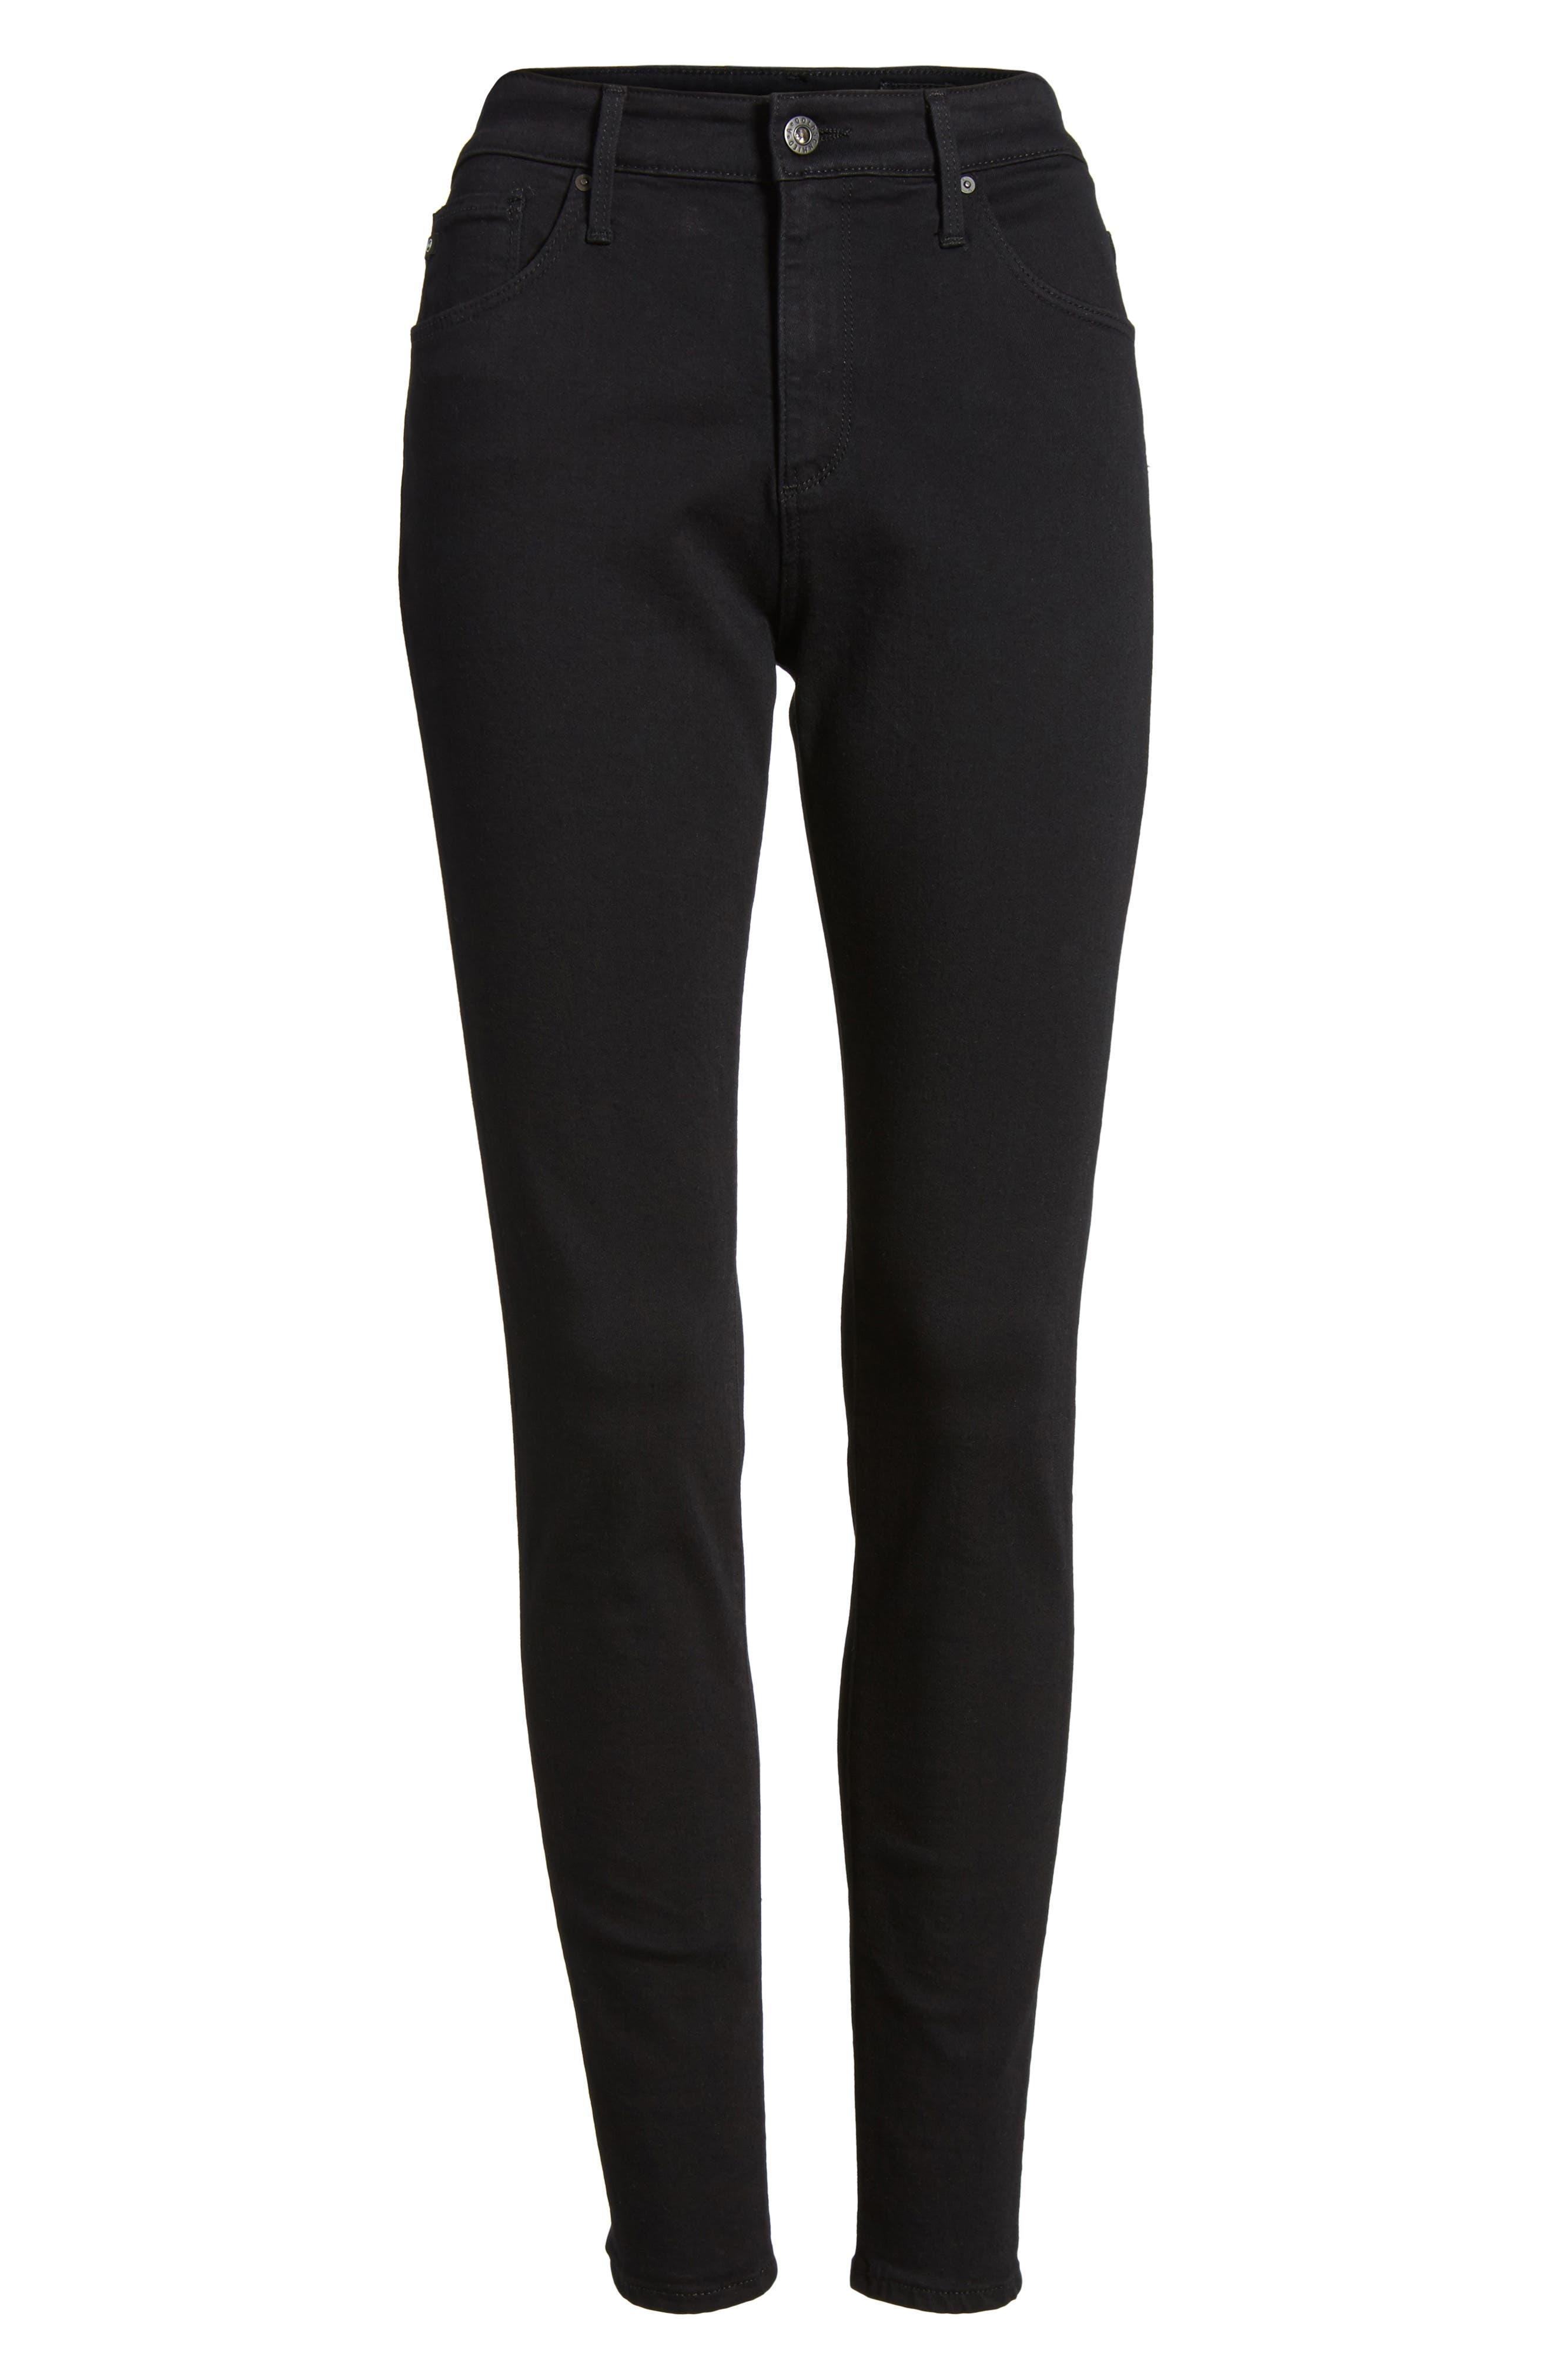 AG, Farrah High Waist Ankle Skinny Jeans, Alternate thumbnail 7, color, SUPER BLACK